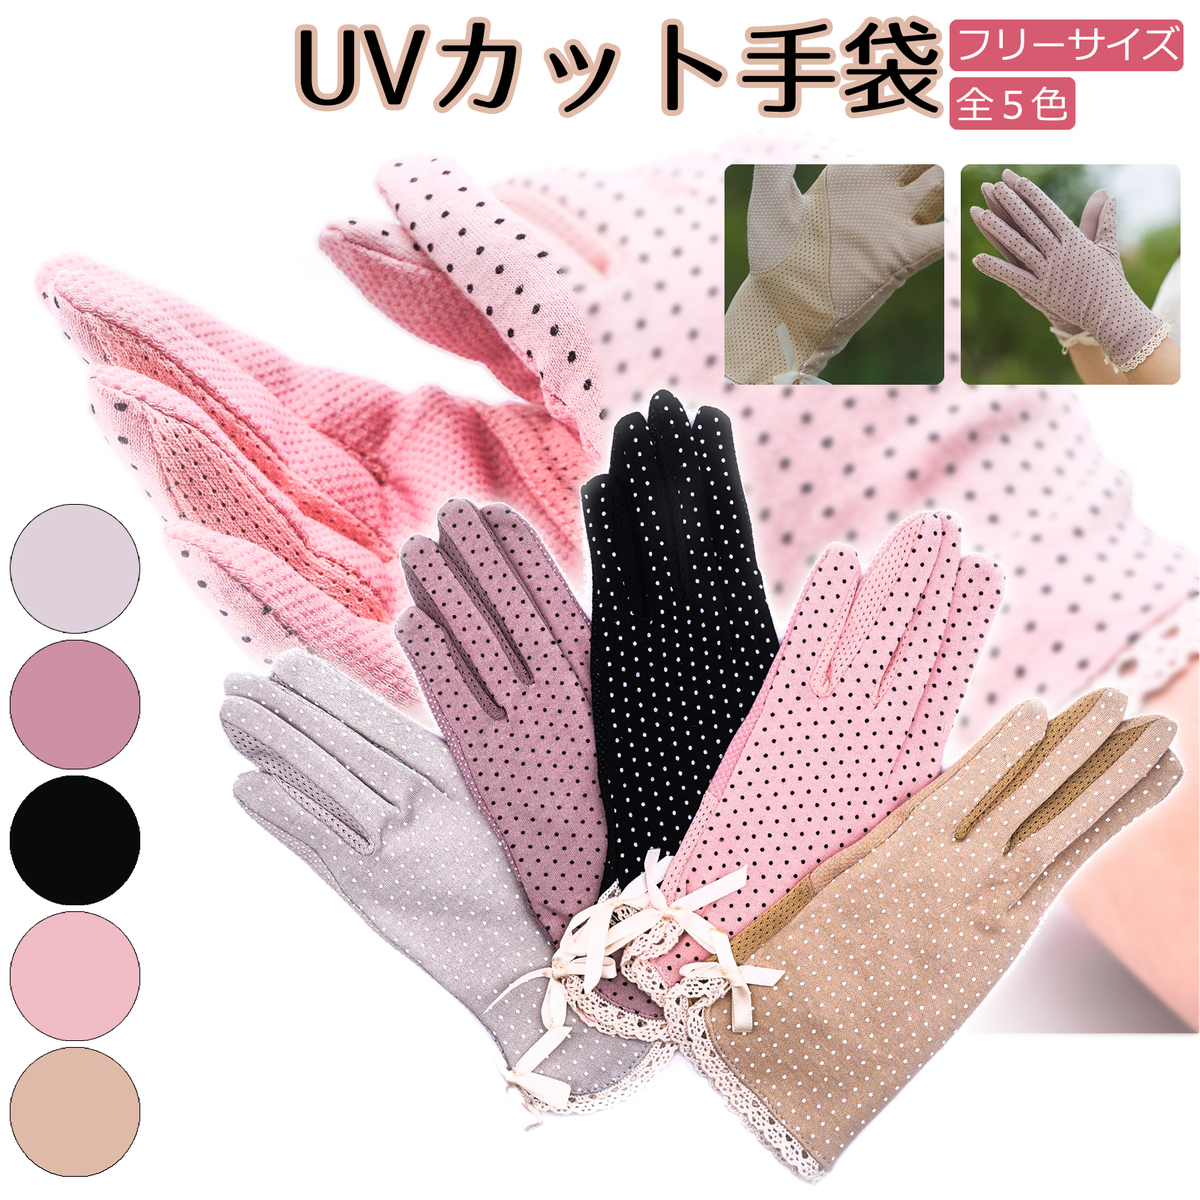 uvカット手袋(ショート丈)でおしゃれなレディース手袋を探しています!